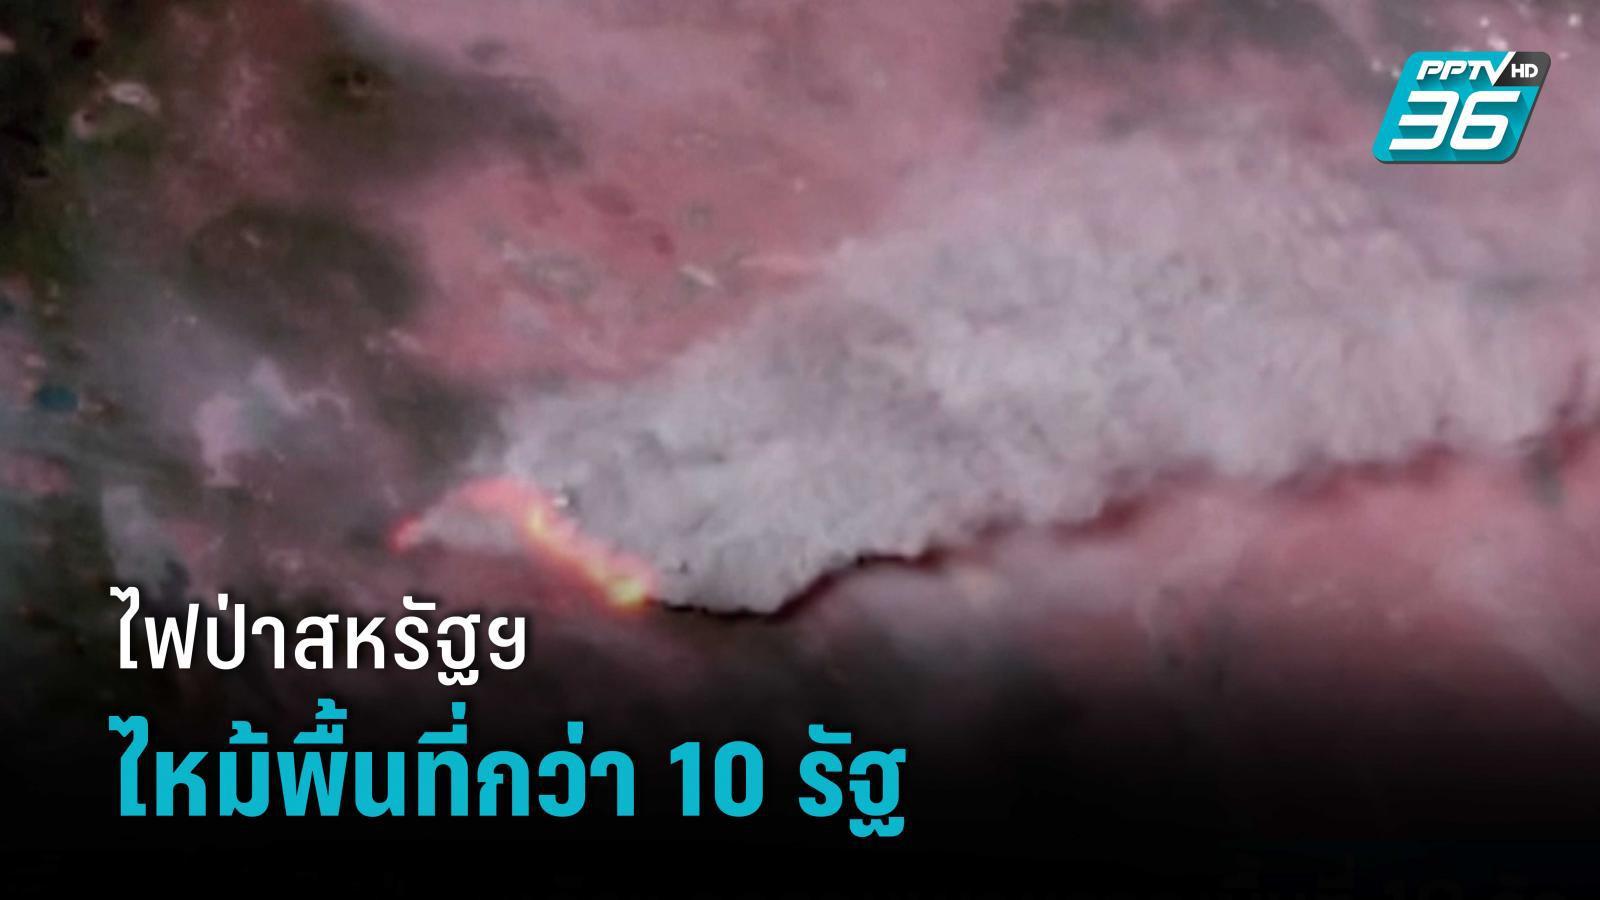 ไฟป่าสหรัฐฯ ลุกลามเผาผลาญพื้นที่ 10 รัฐ